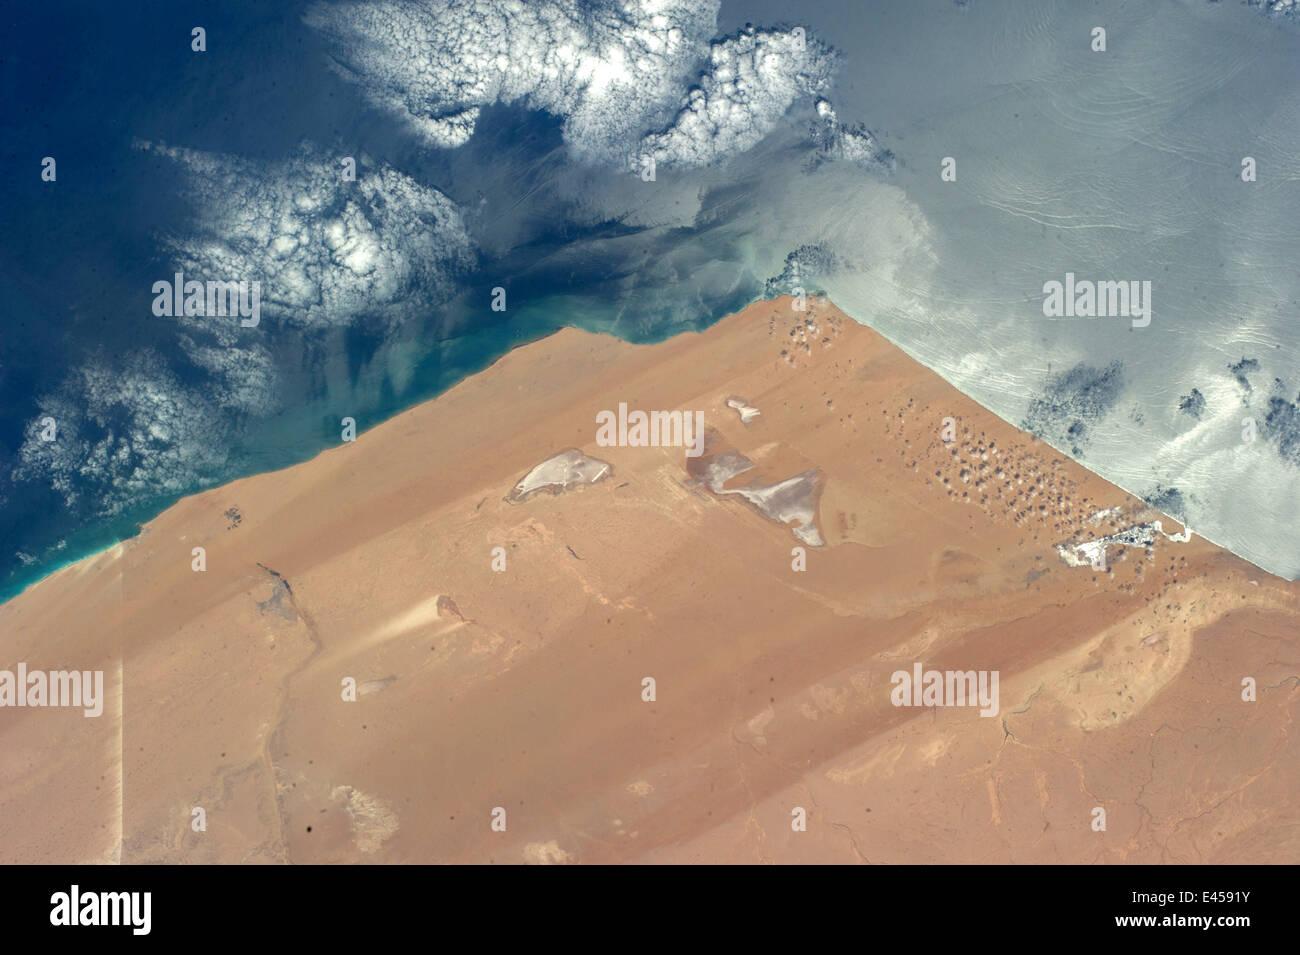 Western Sahara Desert, Saharan Desert, Morocco, Africa - Stock Image